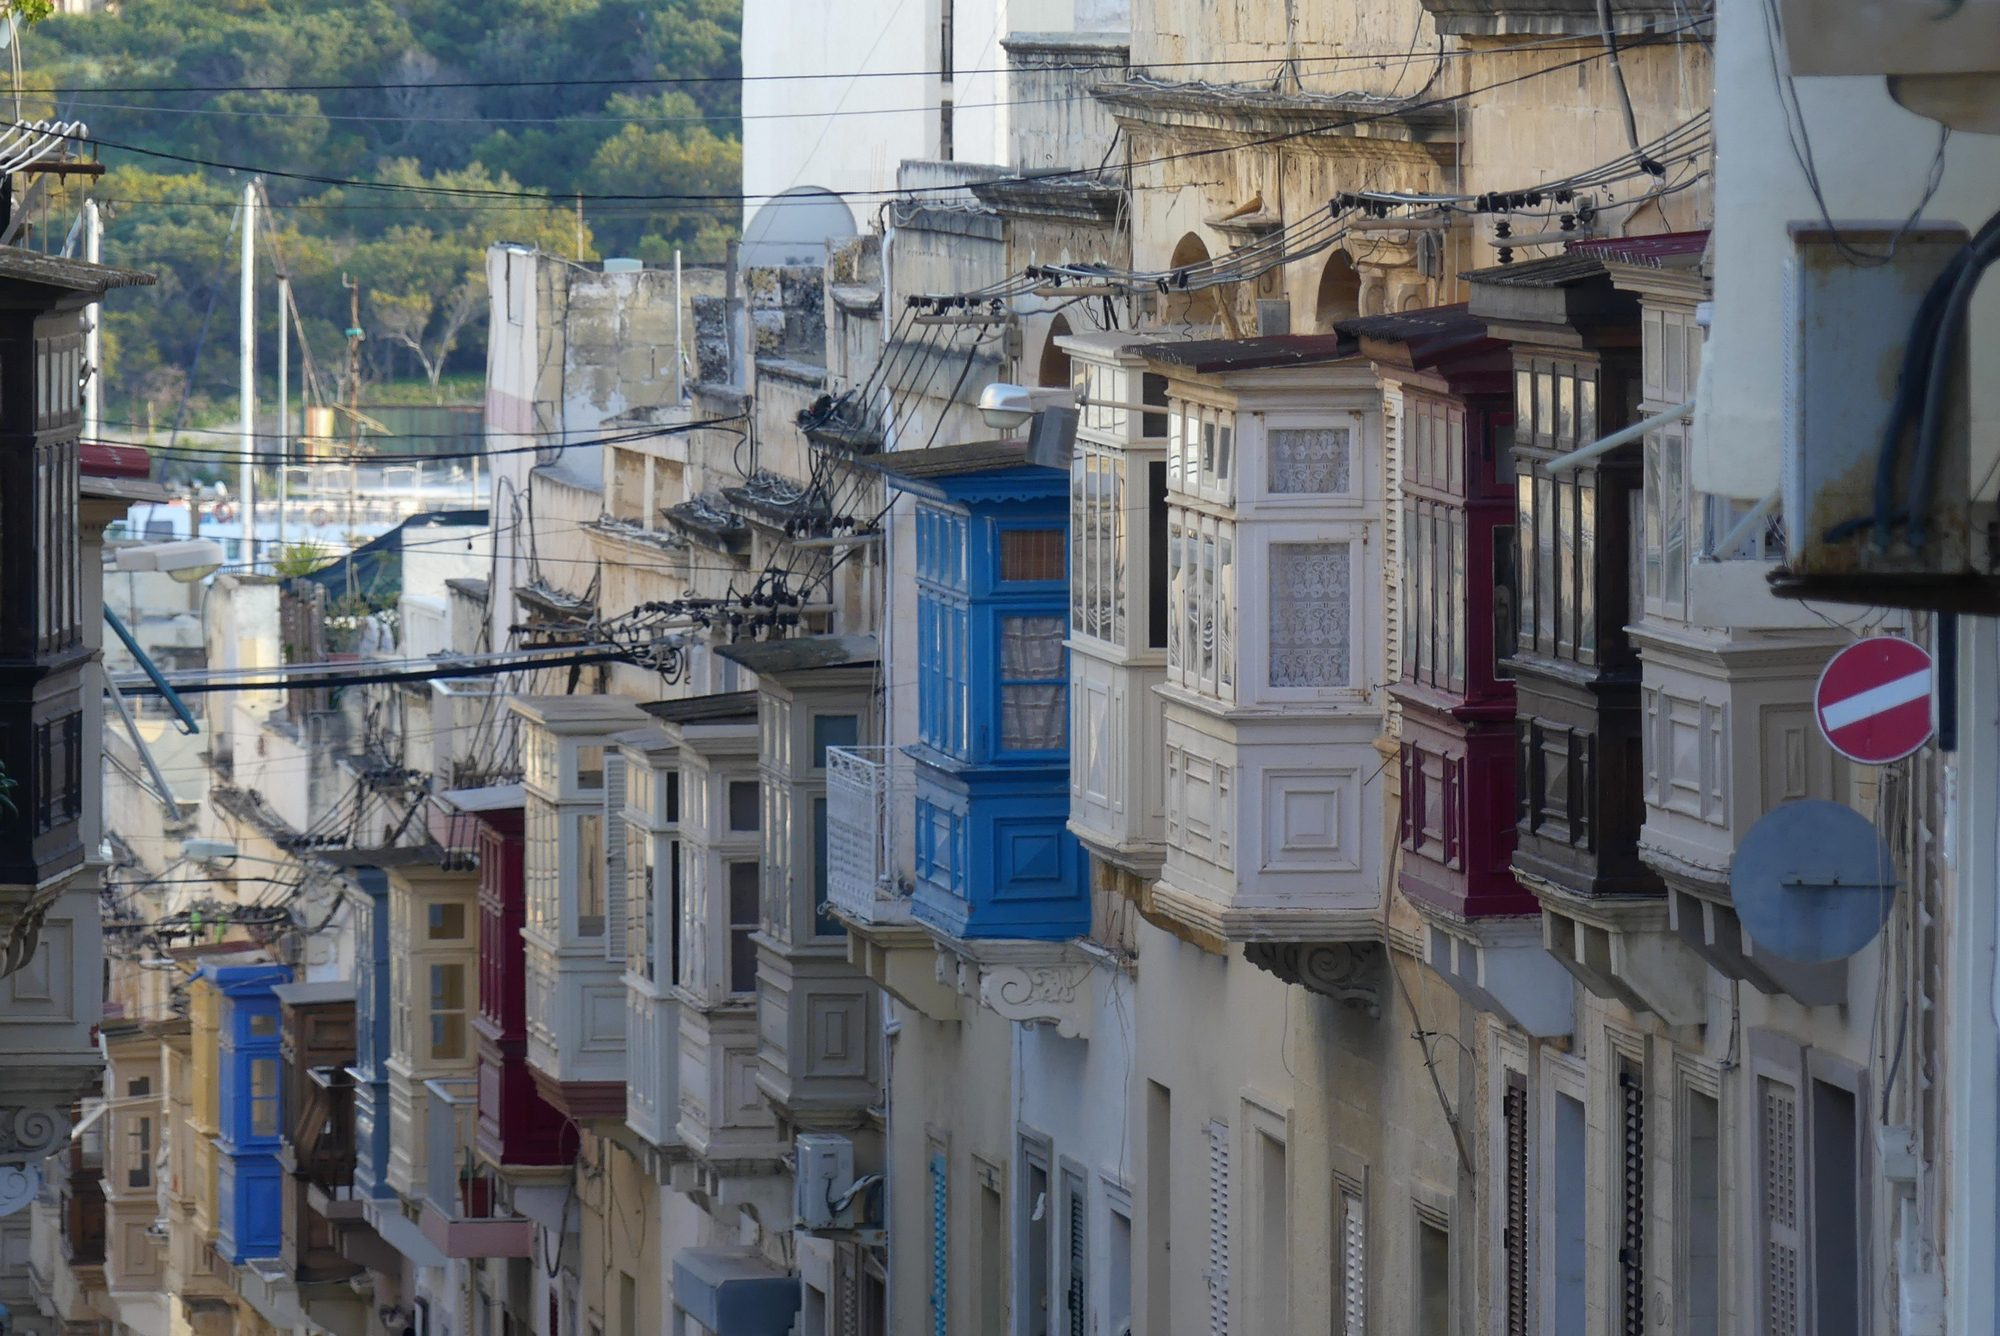 Erker in Sliema Malta